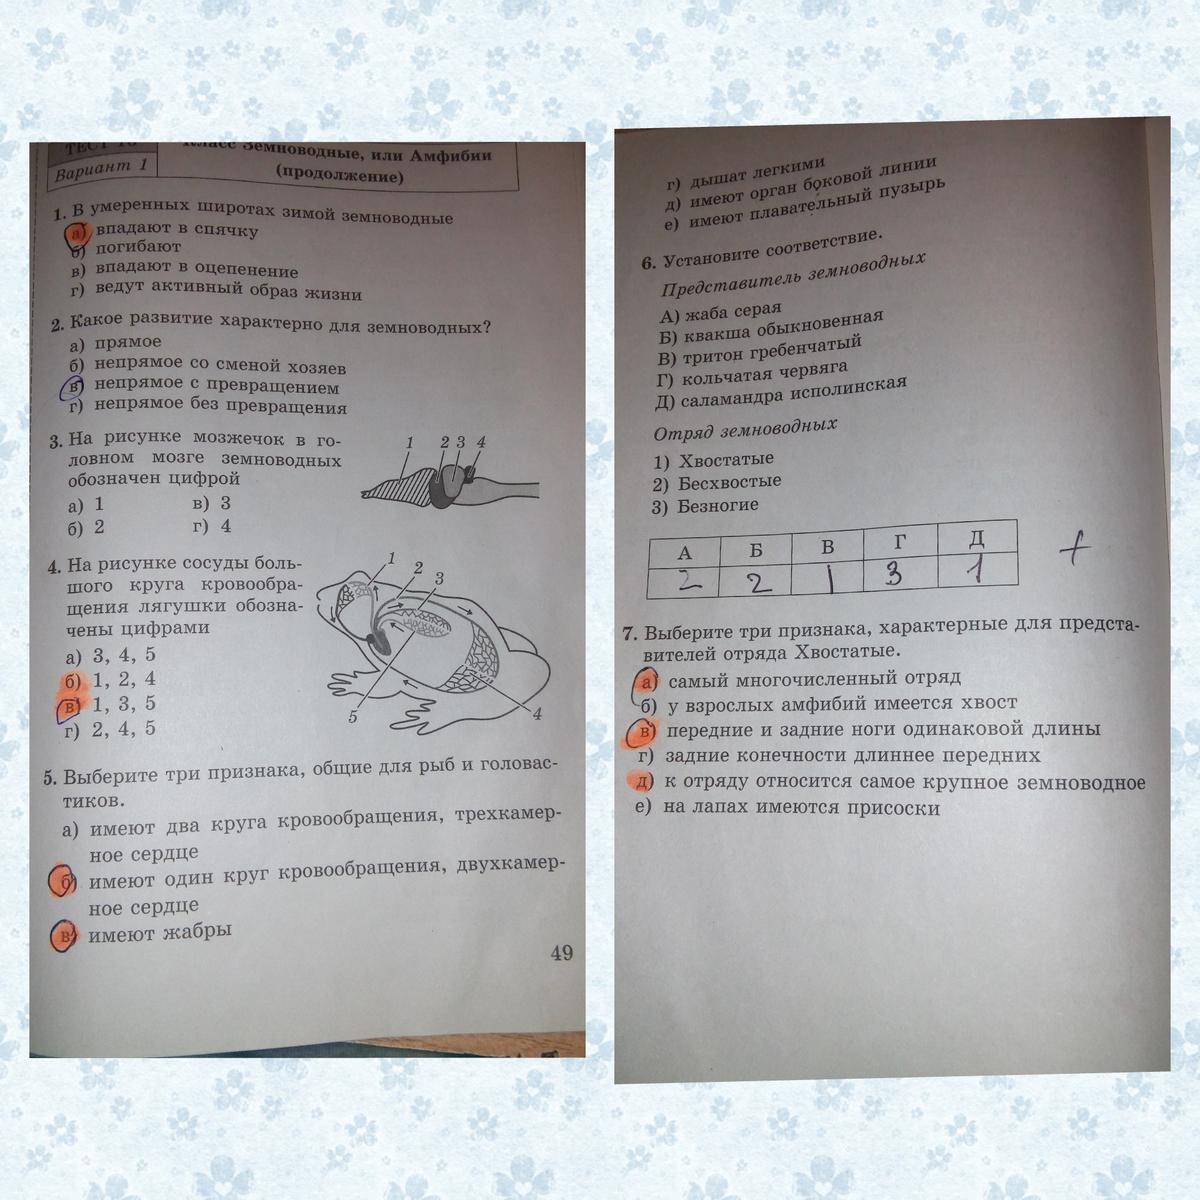 Биология м.с гекалюк 7 класс тесты ответы